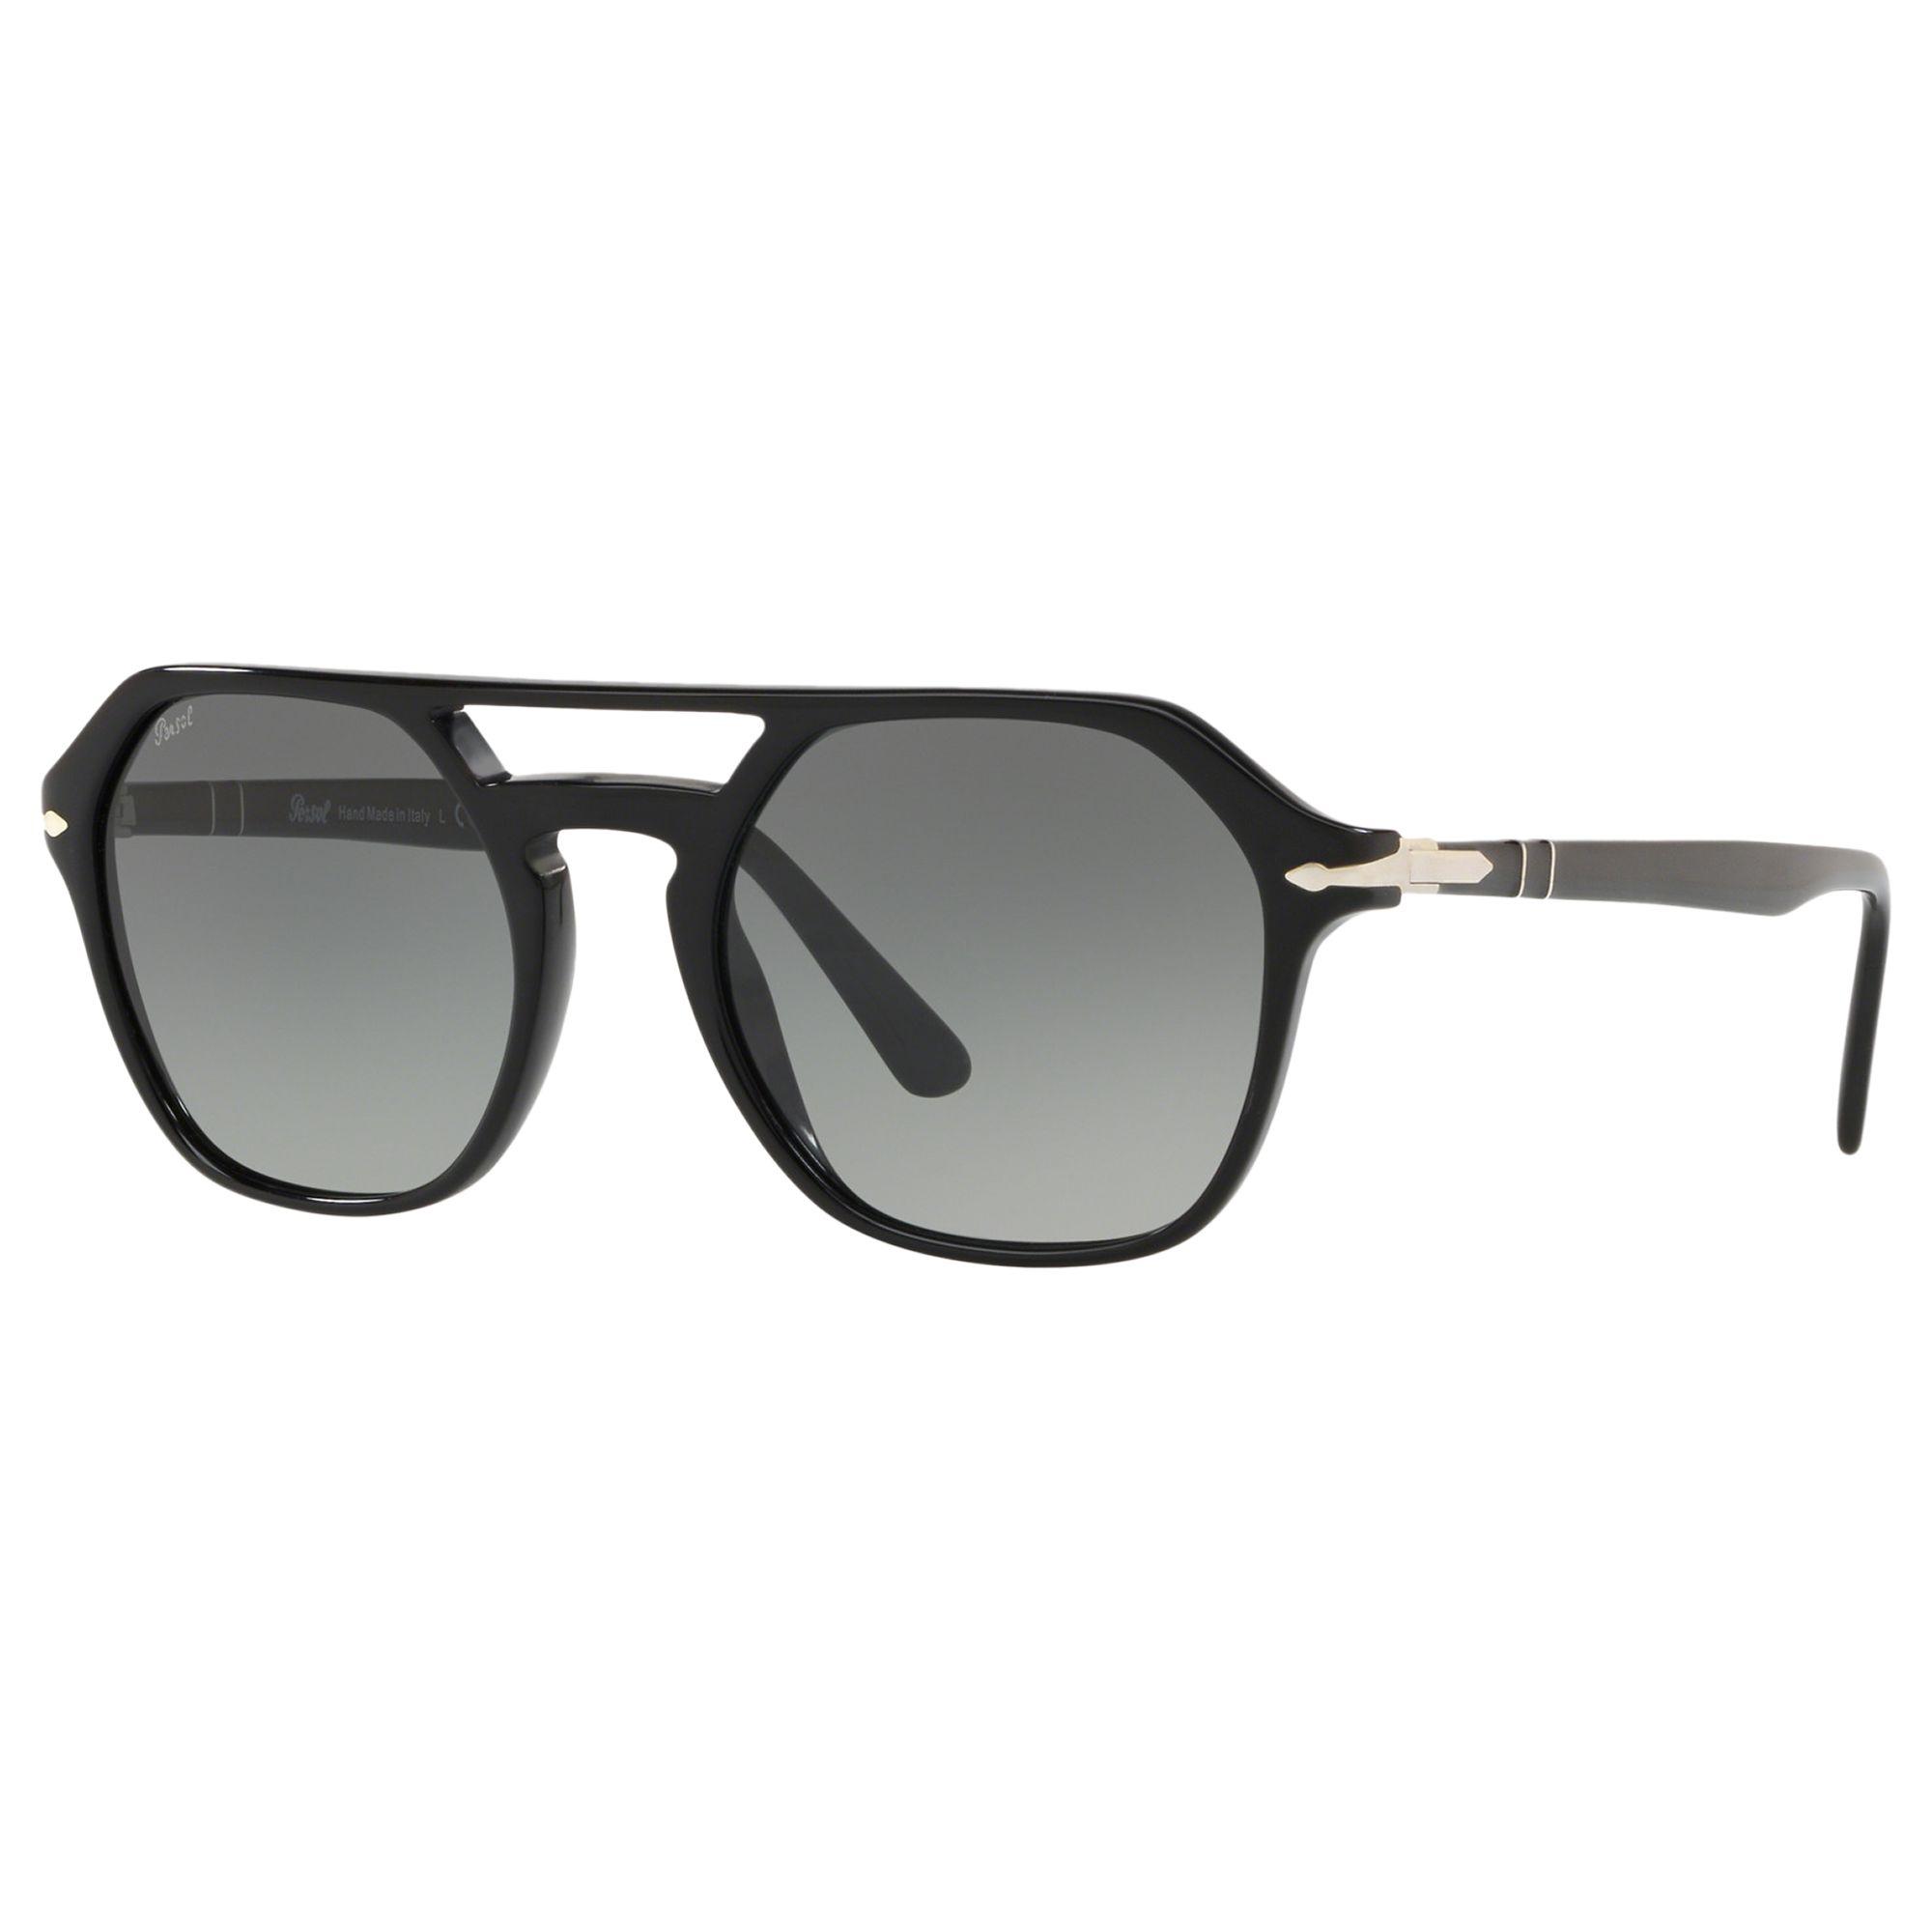 Persol Persol PO3206S Men's Geometric Sunglasses, Black/Grey Gradient